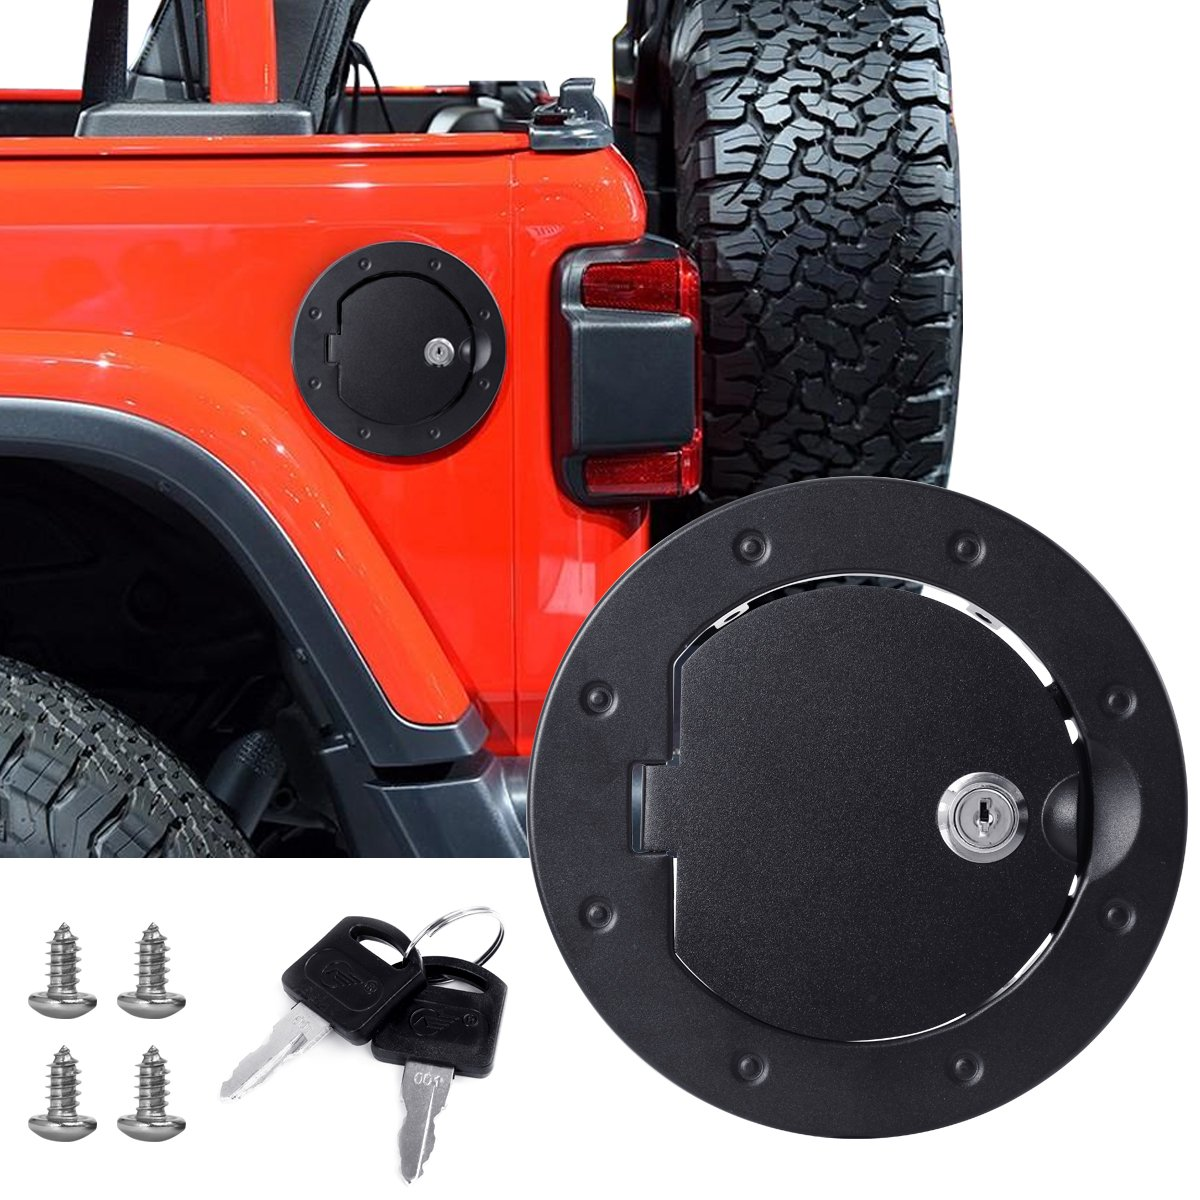 Filler Door Fuel Cover Gas Cap ABS /& Metal  For Jeep Wrangler Unlimited JK 07-17